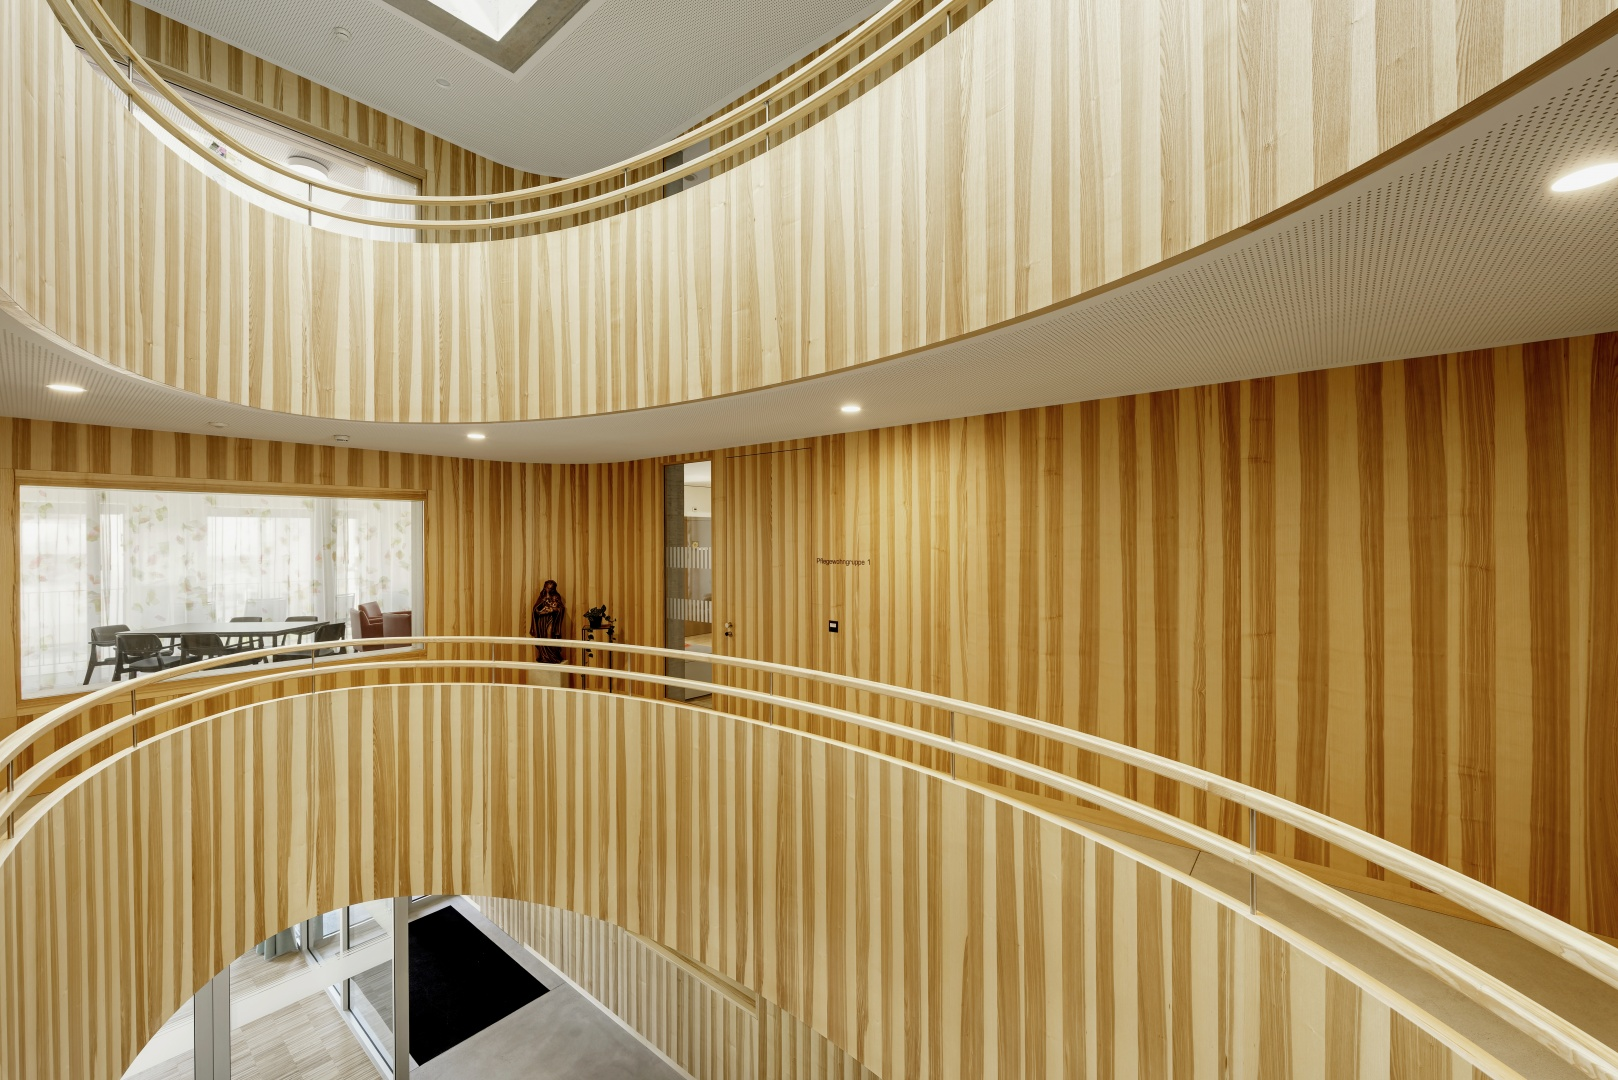 Kerneschenholz bestimmt den Charakter der Innenräume, vor allem im gebäudehohen Atrium, das die Ebenen auch vertikal miteinander verbindet. © Bruno Meier, Sursee